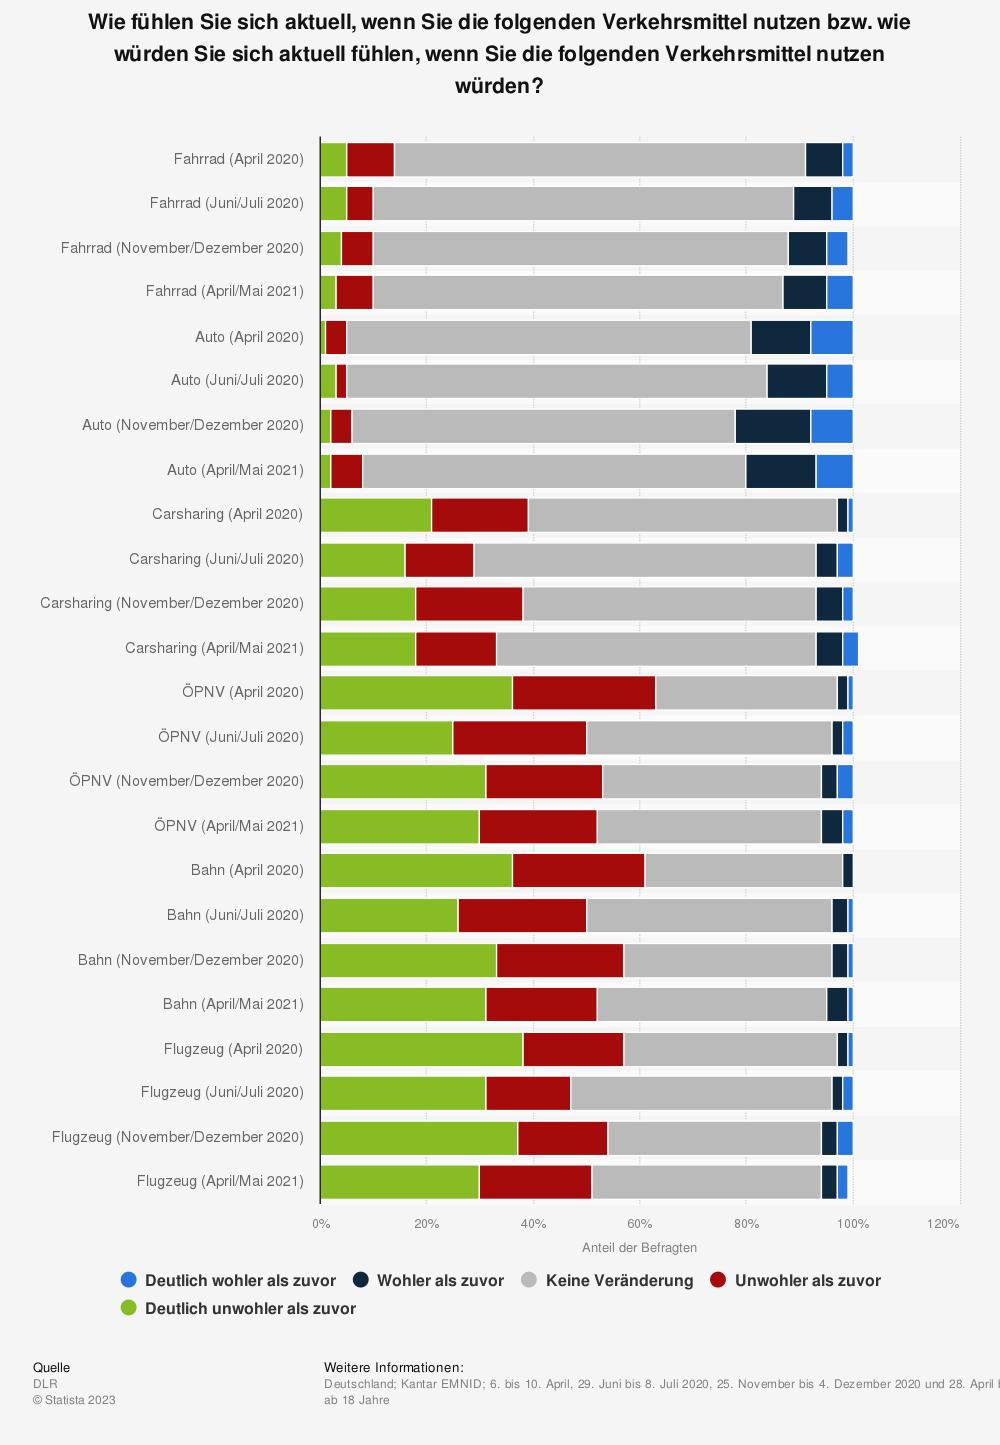 Statistik: Wie fühlen Sie sich aktuell, wenn Sie die folgenden Verkehrsmittel nutzen bzw. wie würden Sie sich aktuell fühlen, wenn Sie die folgenden Verkehrsmittel nutzen würden? | Statista